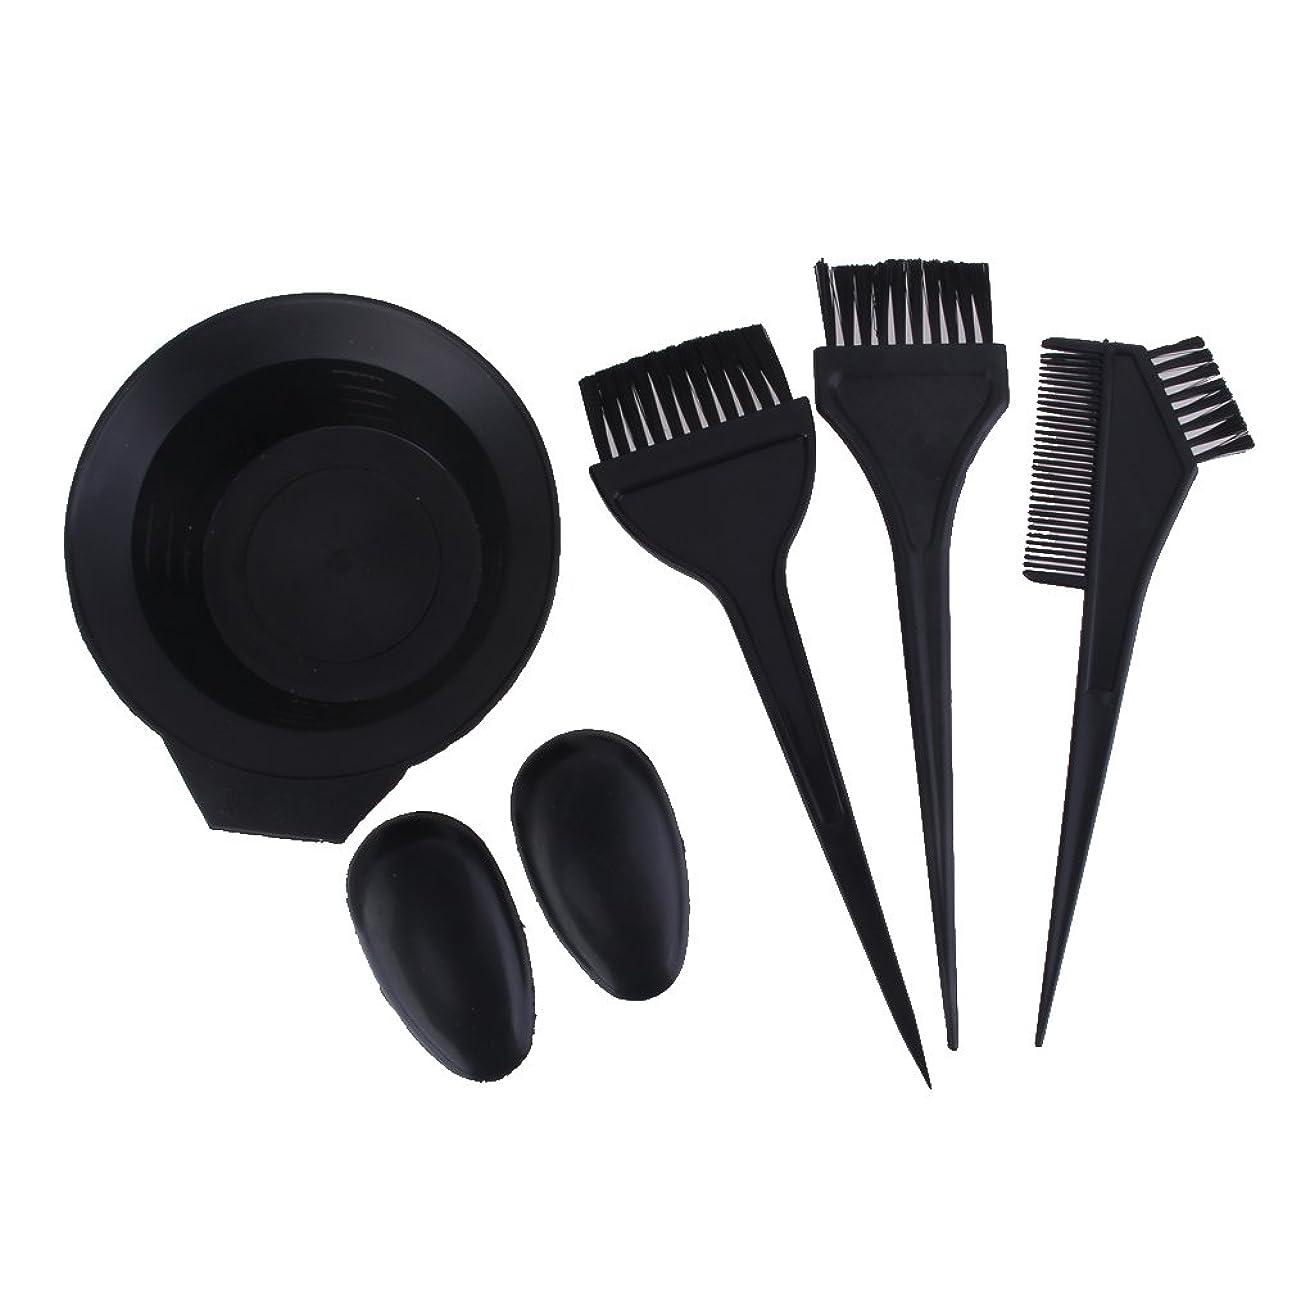 症状歌う安いです【ノーブランド品】色合いツール 美容サロンのヘアカラー染料ボウルコームブラシセット - 黒